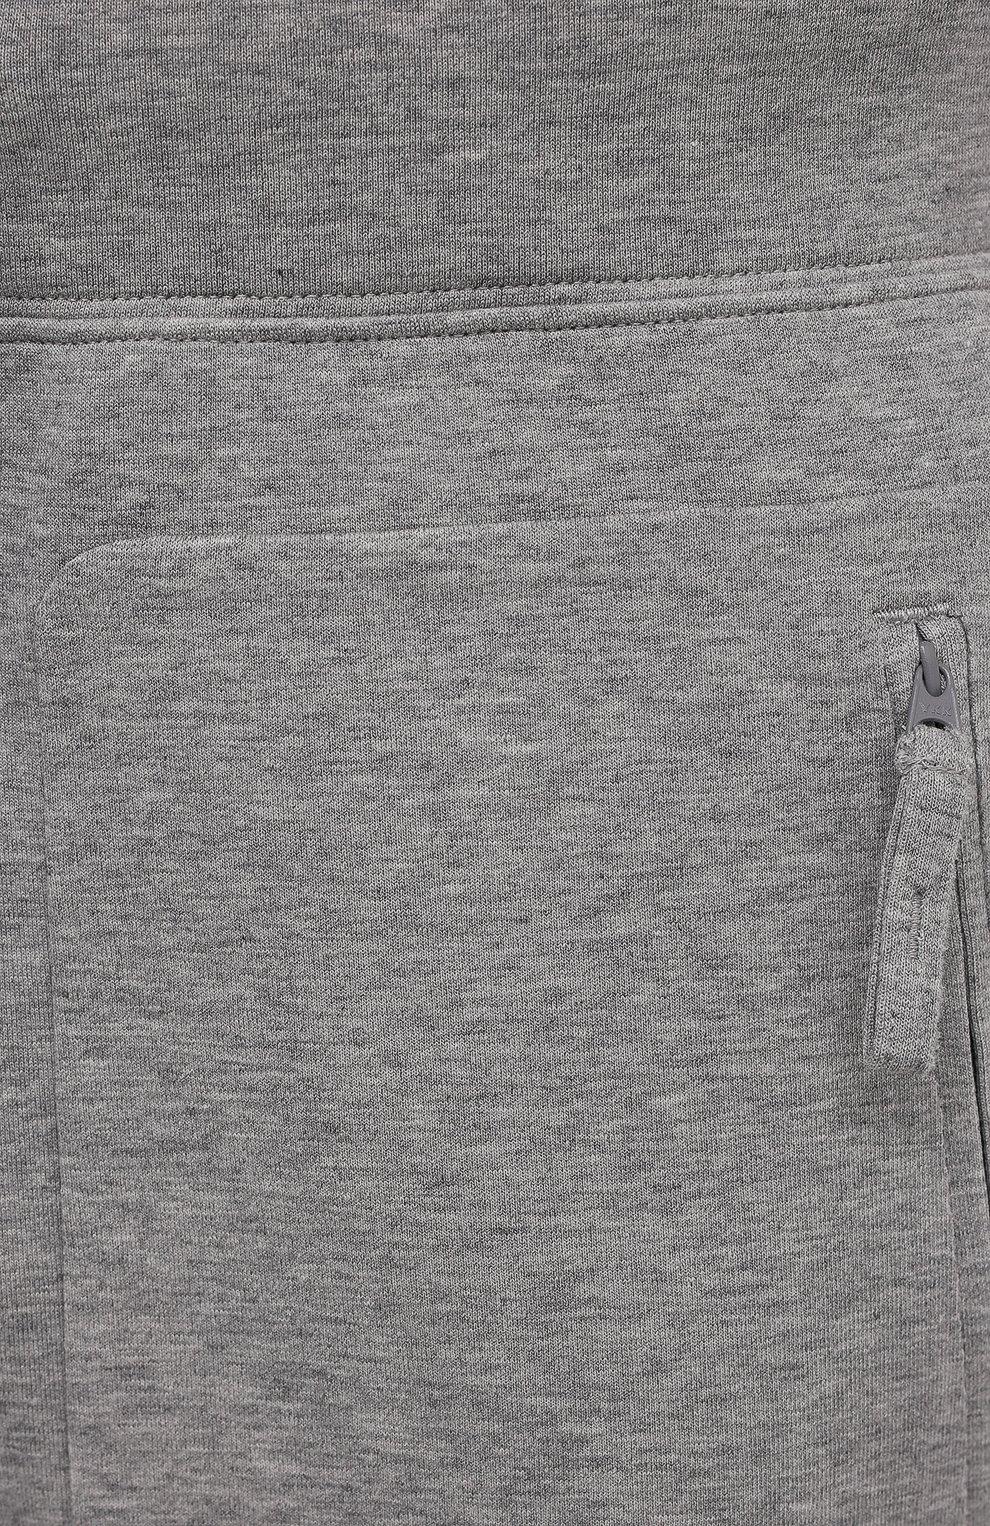 Мужские хлопковые джоггеры ASPESI серого цвета, арт. S1 A AY65 L565 | Фото 5 (Мужское Кросс-КТ: Брюки-трикотаж; Длина (брюки, джинсы): Стандартные; Кросс-КТ: Спорт; Материал внешний: Хлопок; Стили: Спорт-шик; Силуэт М (брюки): Джоггеры)